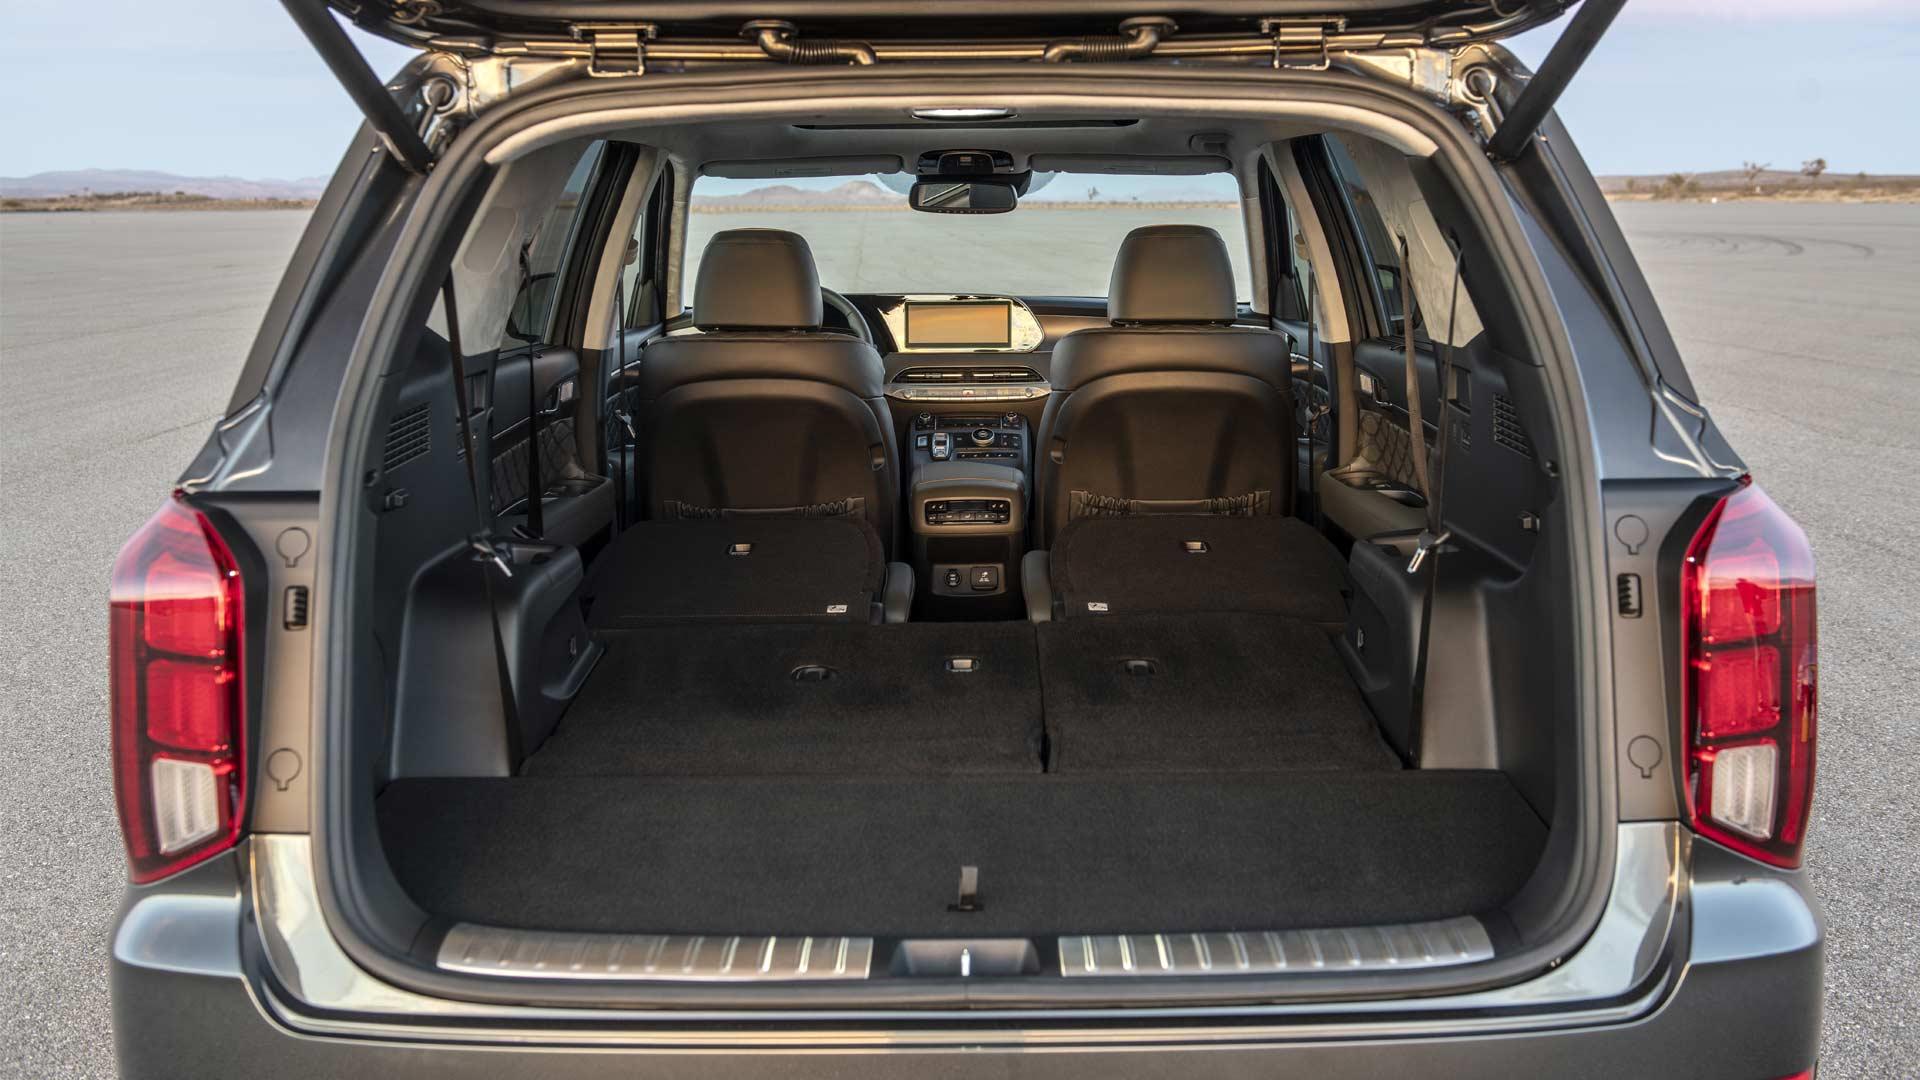 2020-Hyundai-Palisade-Interior-boot